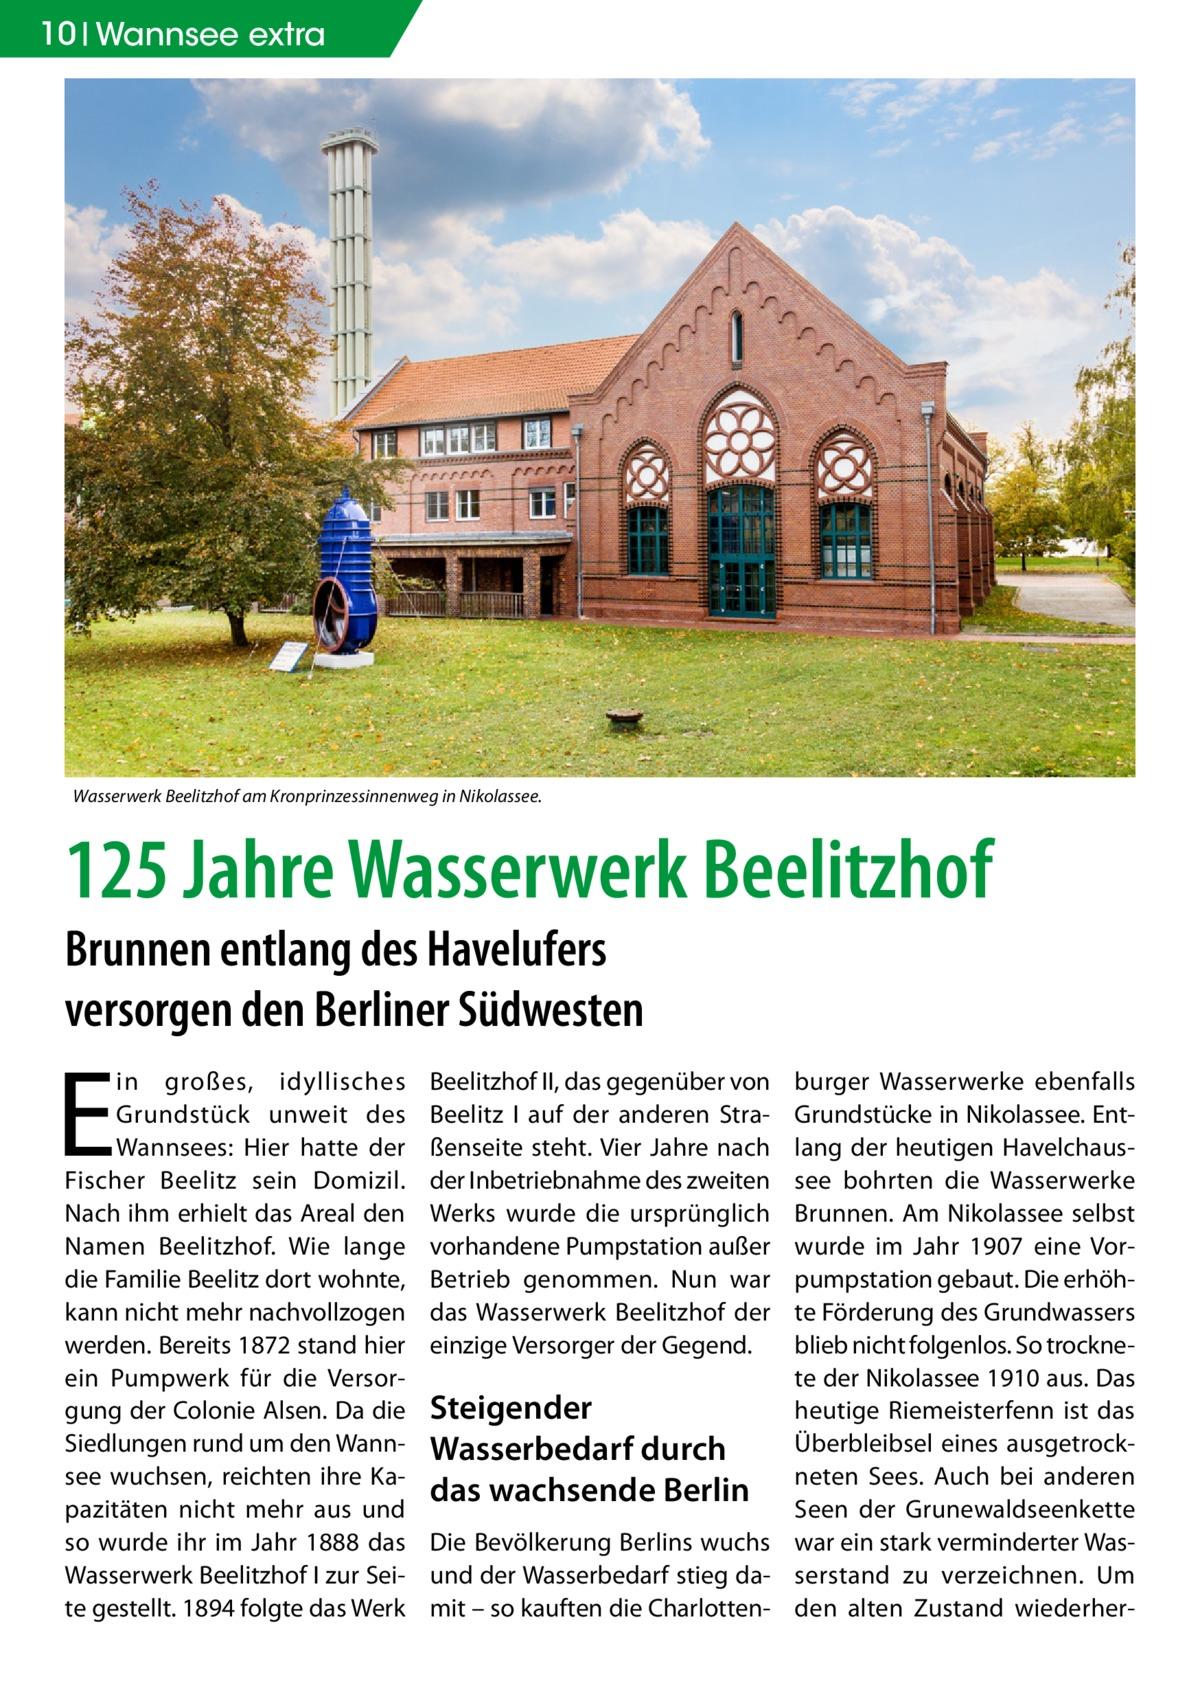 10 Wannsee extra  Wasserwerk Beelitzhof am Kronprinzessinnenweg in Nikolassee.  125 Jahre Wasserwerk Beelitzhof Brunnen entlang des Havelufers versorgen den Berliner Südwesten  E  in großes, idyllisches Grundstück unweit des Wannsees: Hier hatte der Fischer Beelitz sein Domizil. Nach ihm erhielt das Areal den Namen Beelitzhof. Wie lange die Familie Beelitz dort wohnte, kann nicht mehr nachvollzogen werden. Bereits 1872 stand hier ein Pumpwerk für die Versorgung der Colonie Alsen. Da die Siedlungen rund um den Wannsee wuchsen, reichten ihre Kapazitäten nicht mehr aus und so wurde ihr im Jahr 1888 das Wasserwerk Beelitzhof I zur Seite gestellt. 1894 folgte das Werk  burger Wasserwerke ebenfalls Grundstücke in Nikolassee. Entlang der heutigen Havelchaussee bohrten die Wasserwerke Brunnen. Am Nikolassee selbst wurde im Jahr 1907 eine Vorpumpstation gebaut. Die erhöhte Förderung des Grundwassers blieb nicht folgenlos. So trocknete der Nikolassee 1910 aus. Das Steigender heutige Riemeisterfenn ist das Überbleibsel eines ausgetrockWasserbedarf durch Sees. Auch bei anderen das wachsende Berlin neten Seen der Grunewaldseenkette Die Bevölkerung Berlins wuchs war ein stark verminderter Wasund der Wasserbedarf stieg da- serstand zu verzeichnen. Um mit – so kauften die Charlotten- den alten Zustand wiederher Beelitzhof II, das gegenüber von Beelitz I auf der anderen Straßenseite steht. Vier Jahre nach der Inbetriebnahme des zweiten Werks wurde die ursprünglich vorhandene Pumpstation außer Betrieb genommen. Nun war das Wasserwerk Beelitzhof der einzige Versorger der Gegend.